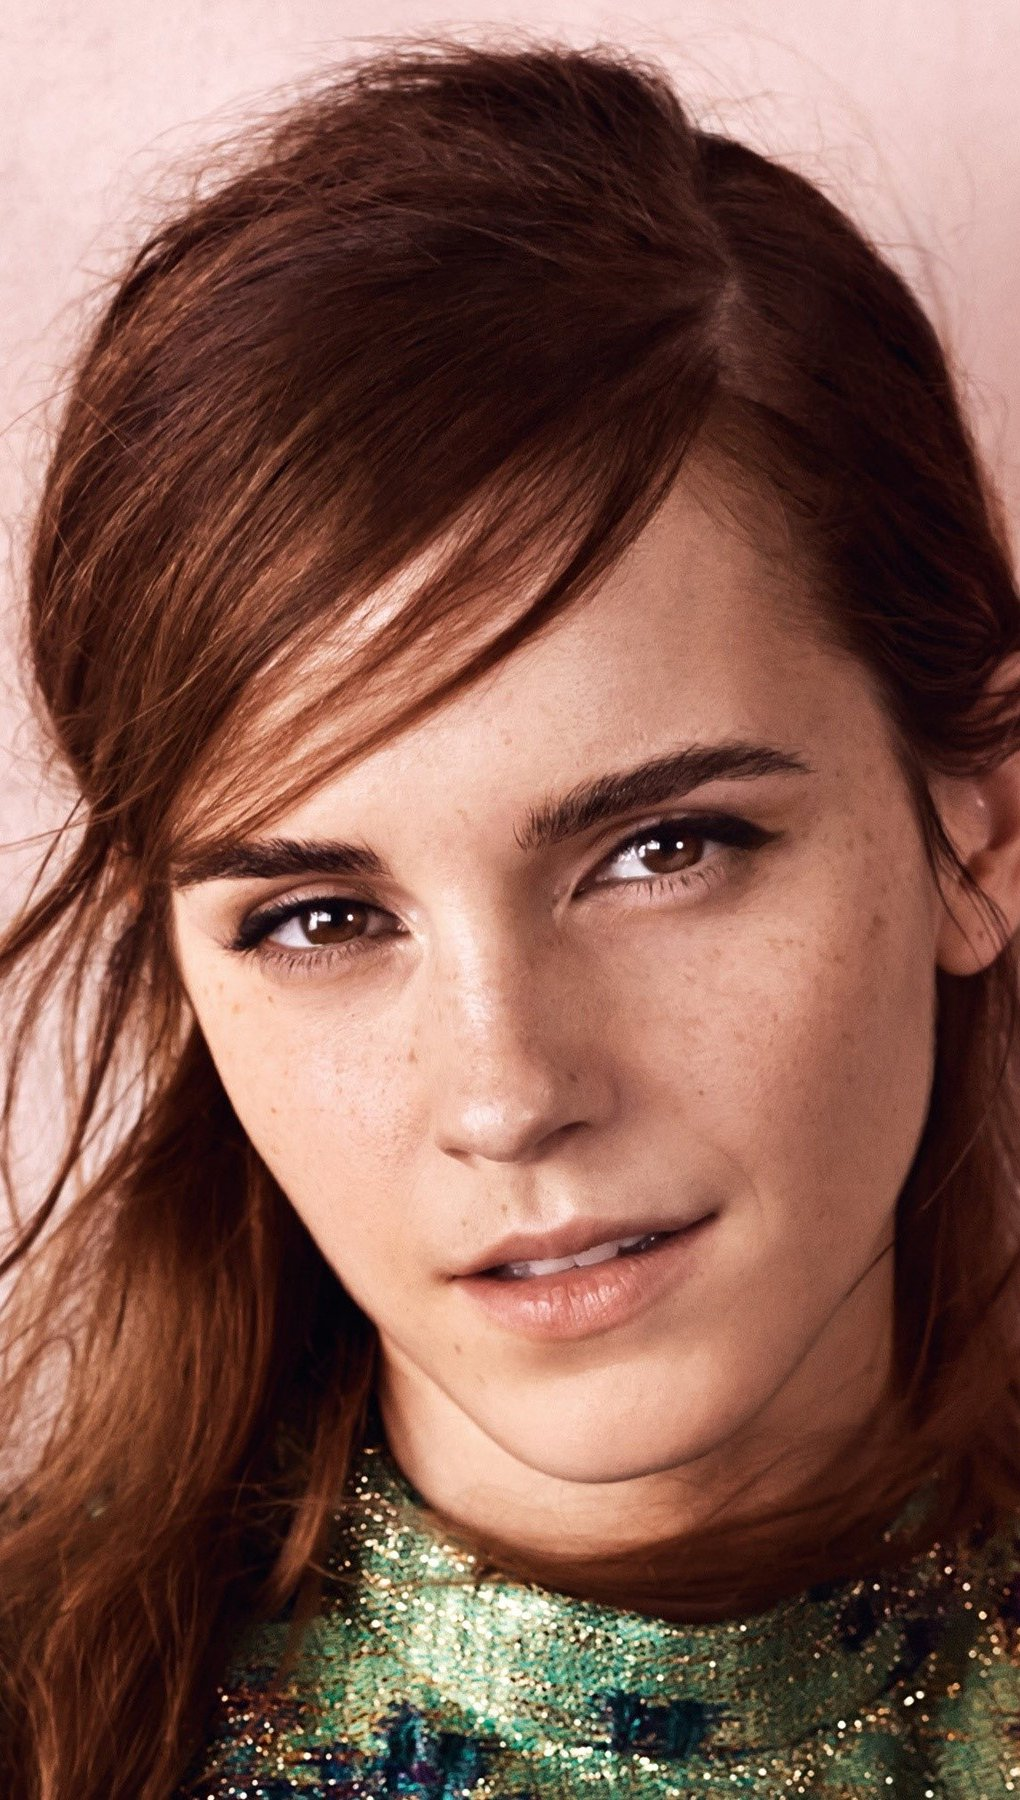 Fondos de pantalla Emma Watson de cerca Vertical